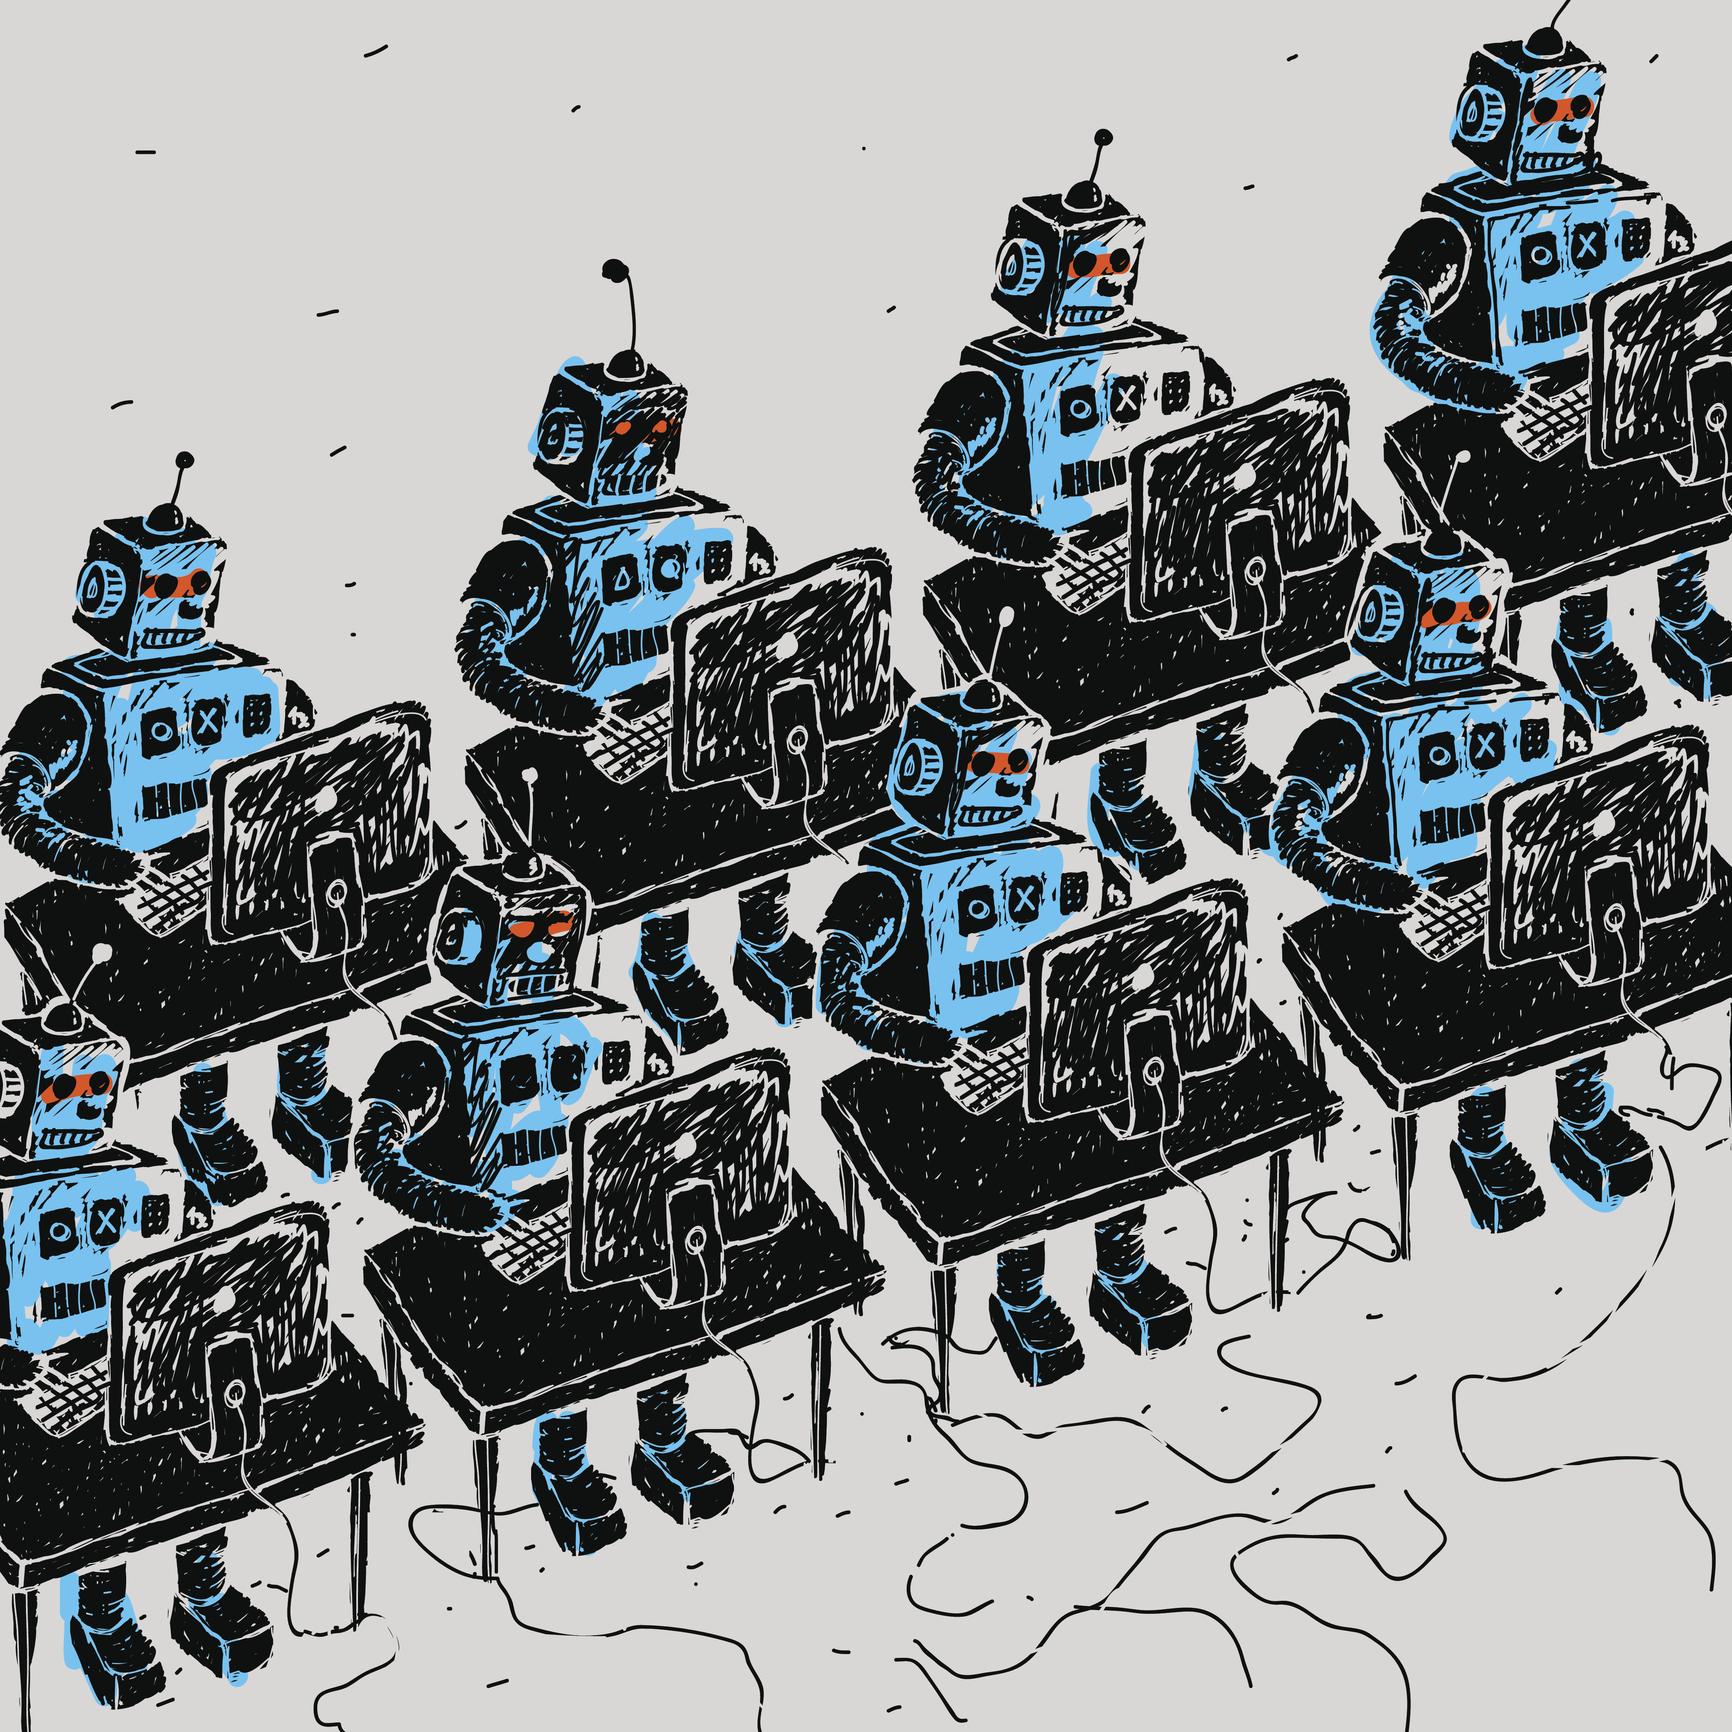 Robots work at desk.